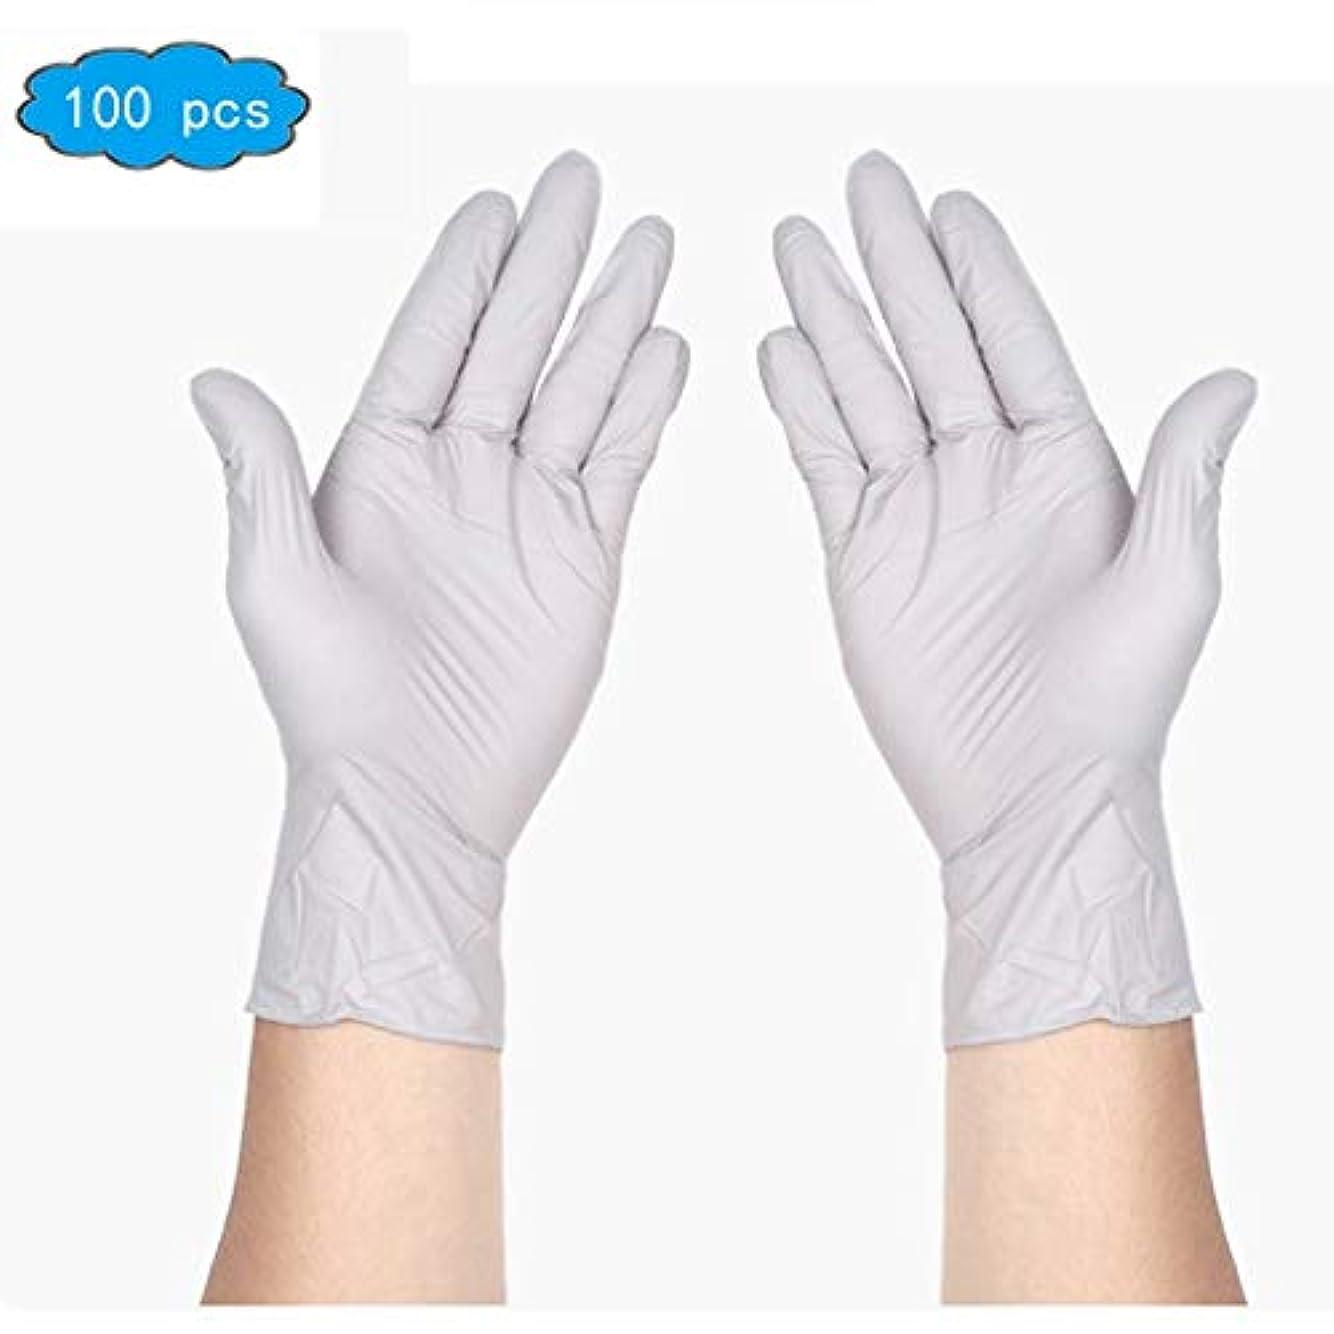 柔らかい足忘れられない無効ニトリル試験用手袋 - 医療用グレード、パウダーフリー、ラテックスラバーフリー、使い捨て、非滅菌、食品安全、テクスチャード加工、白色、2.5ミル、便利なディスペンサー、100個入り、サニタリーグローブ (Color : Gray, Size : M)